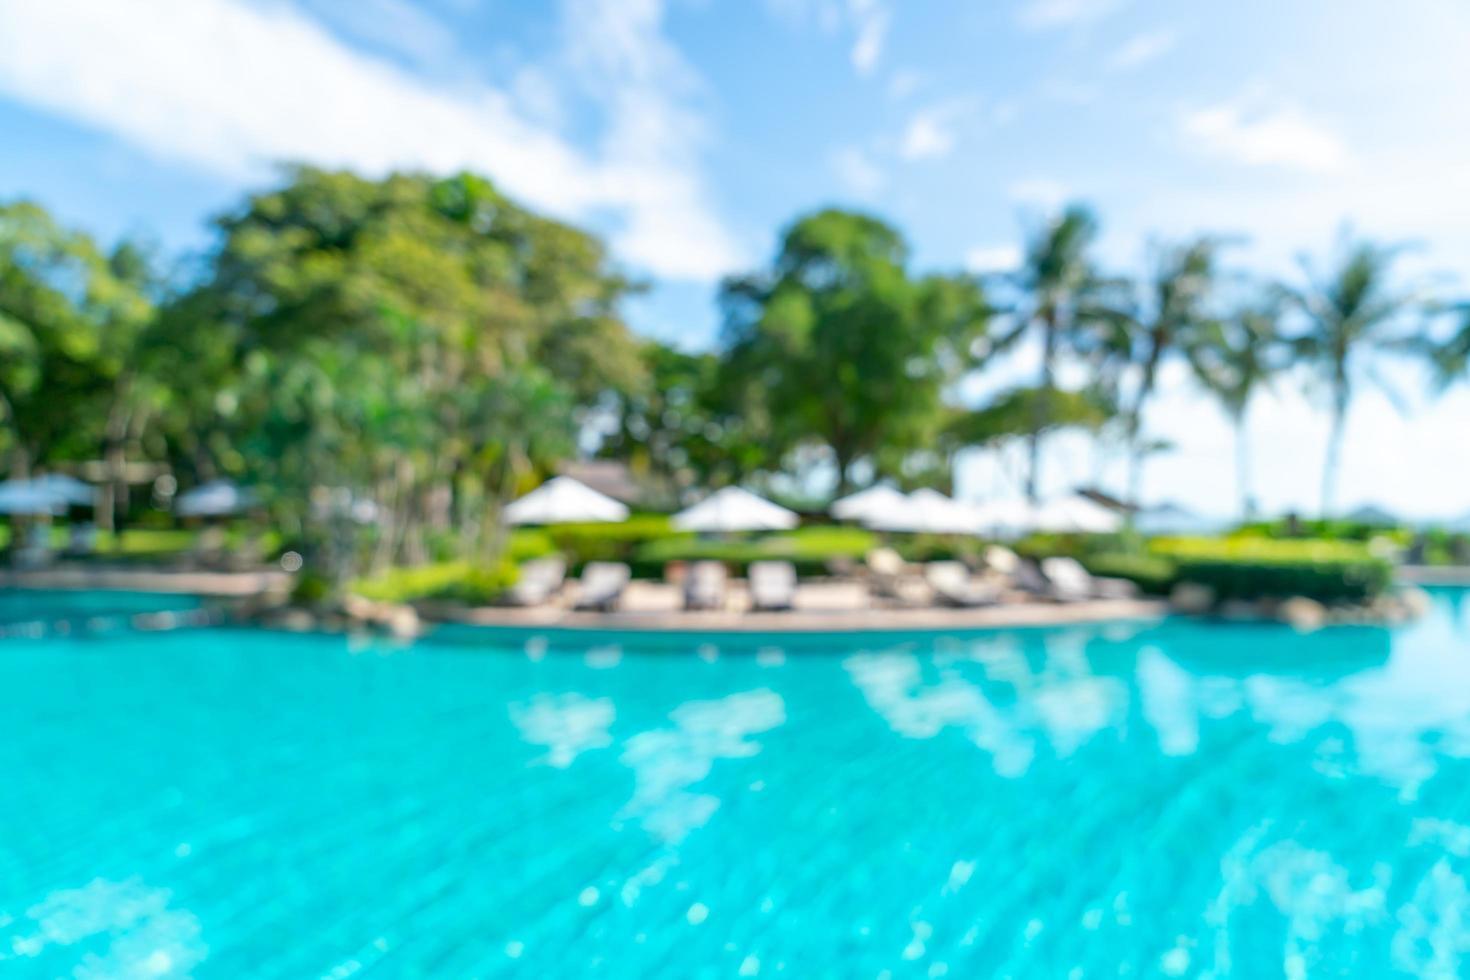 sfocatura astratta piscina del letto intorno alla piscina in un resort di hotel di lusso per lo sfondo - concetto di vacanza e vacanza foto